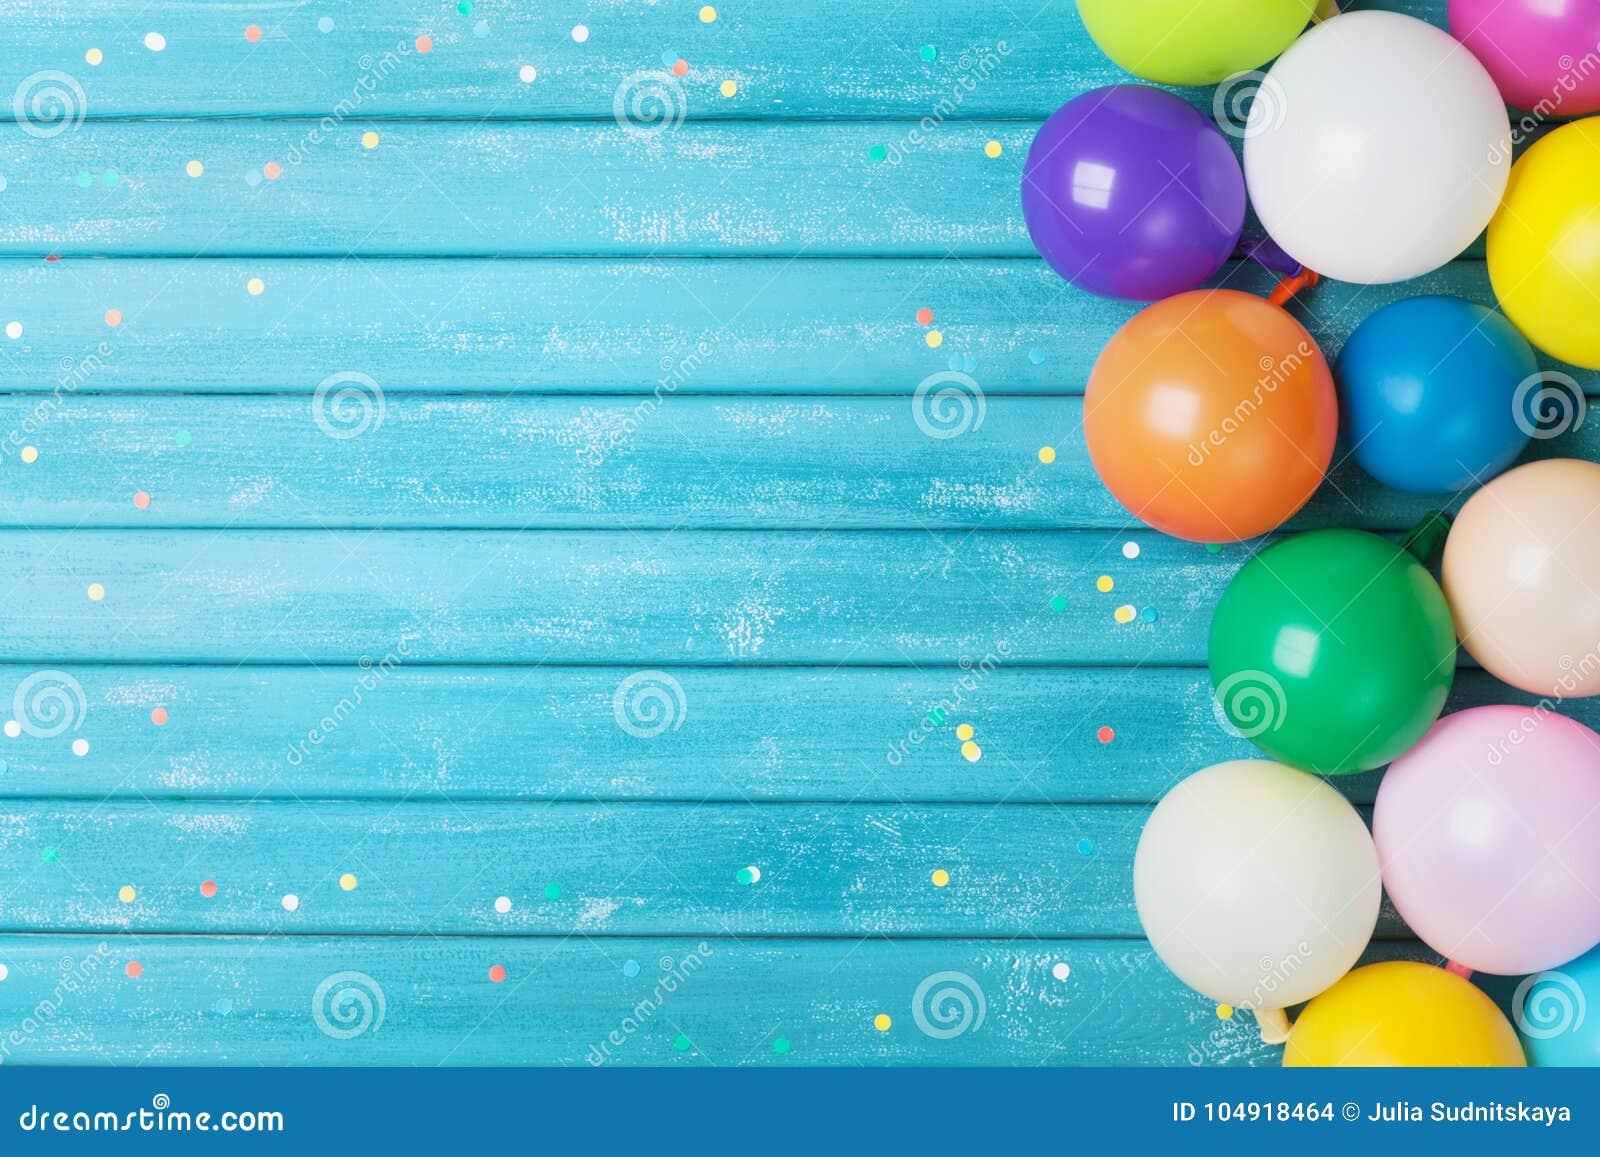 气球和五彩纸屑边界 附上背景生日配件箱看板卡对字的许多自己的当事人可能性写您 欢乐贺卡